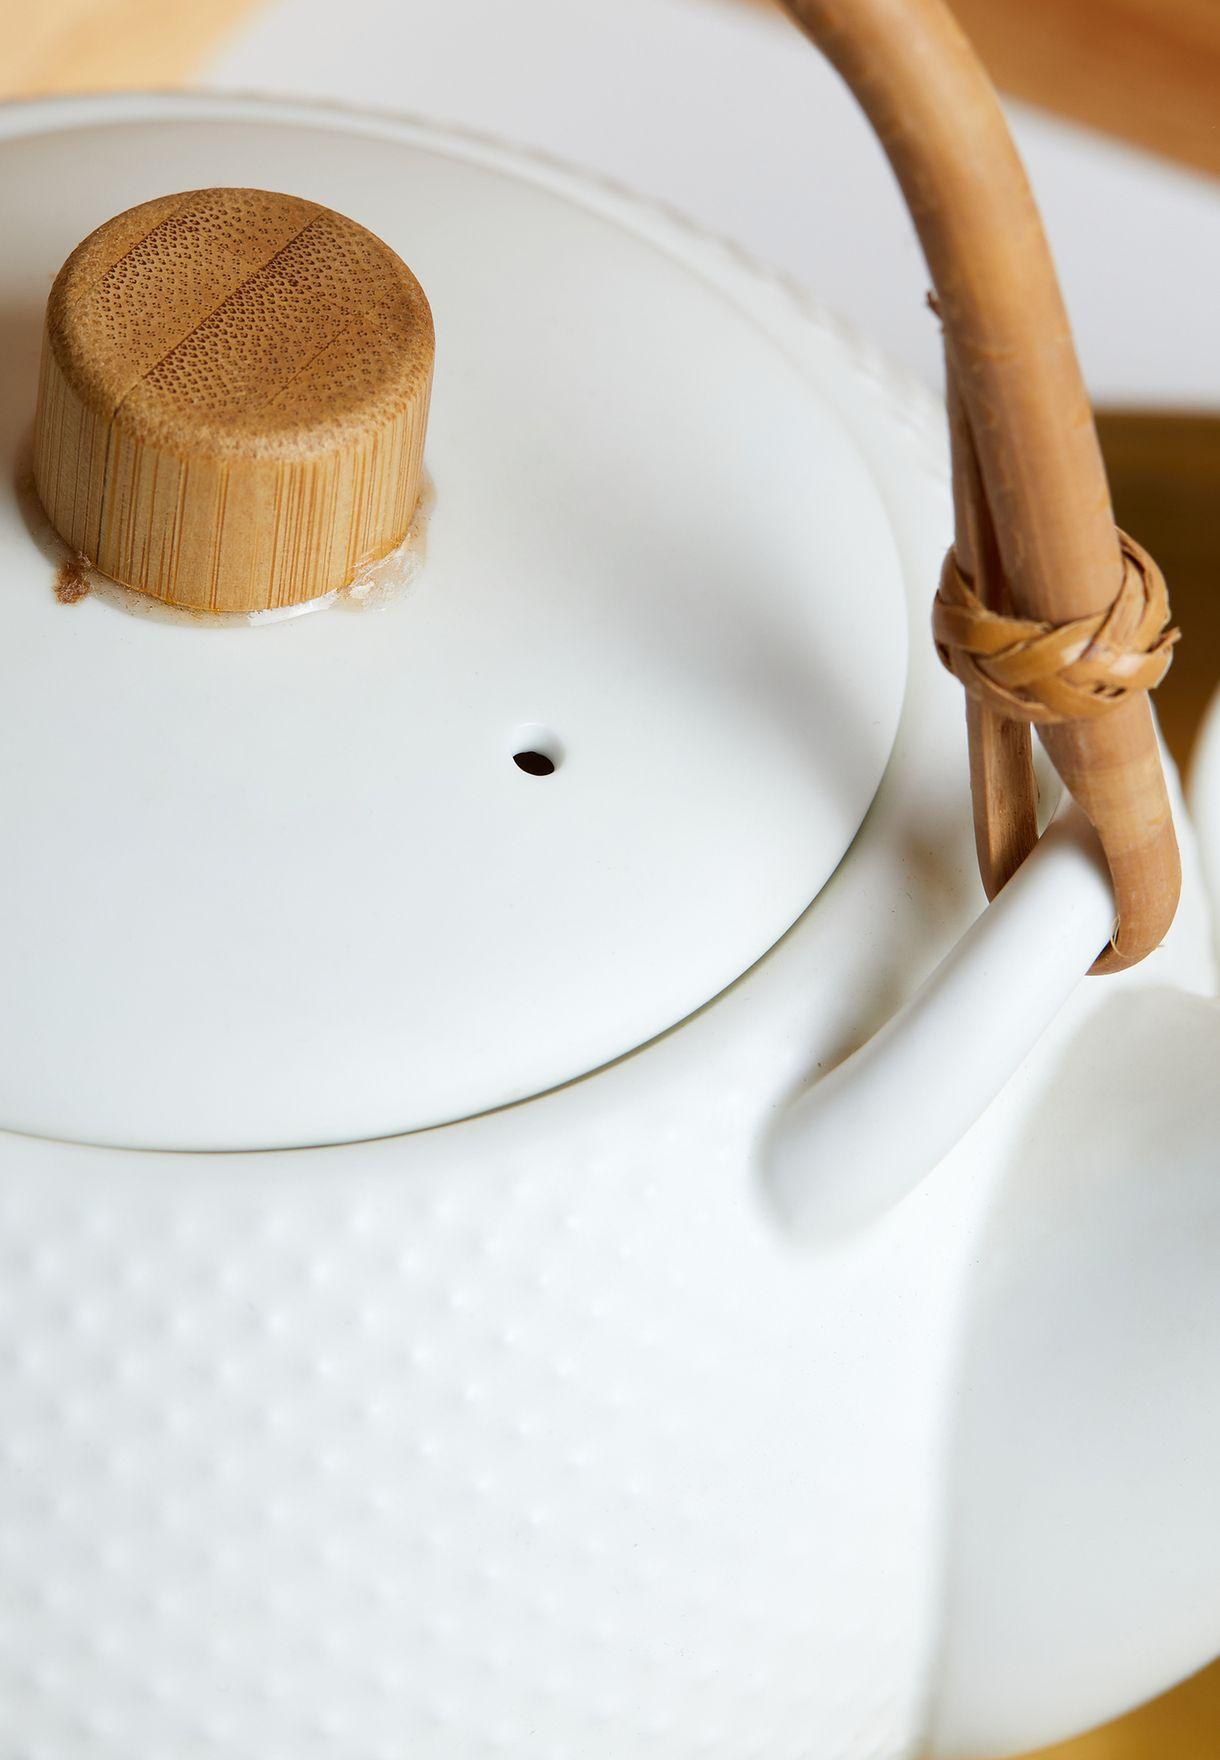 طقم فناجين شاي وابريق 5 قطع